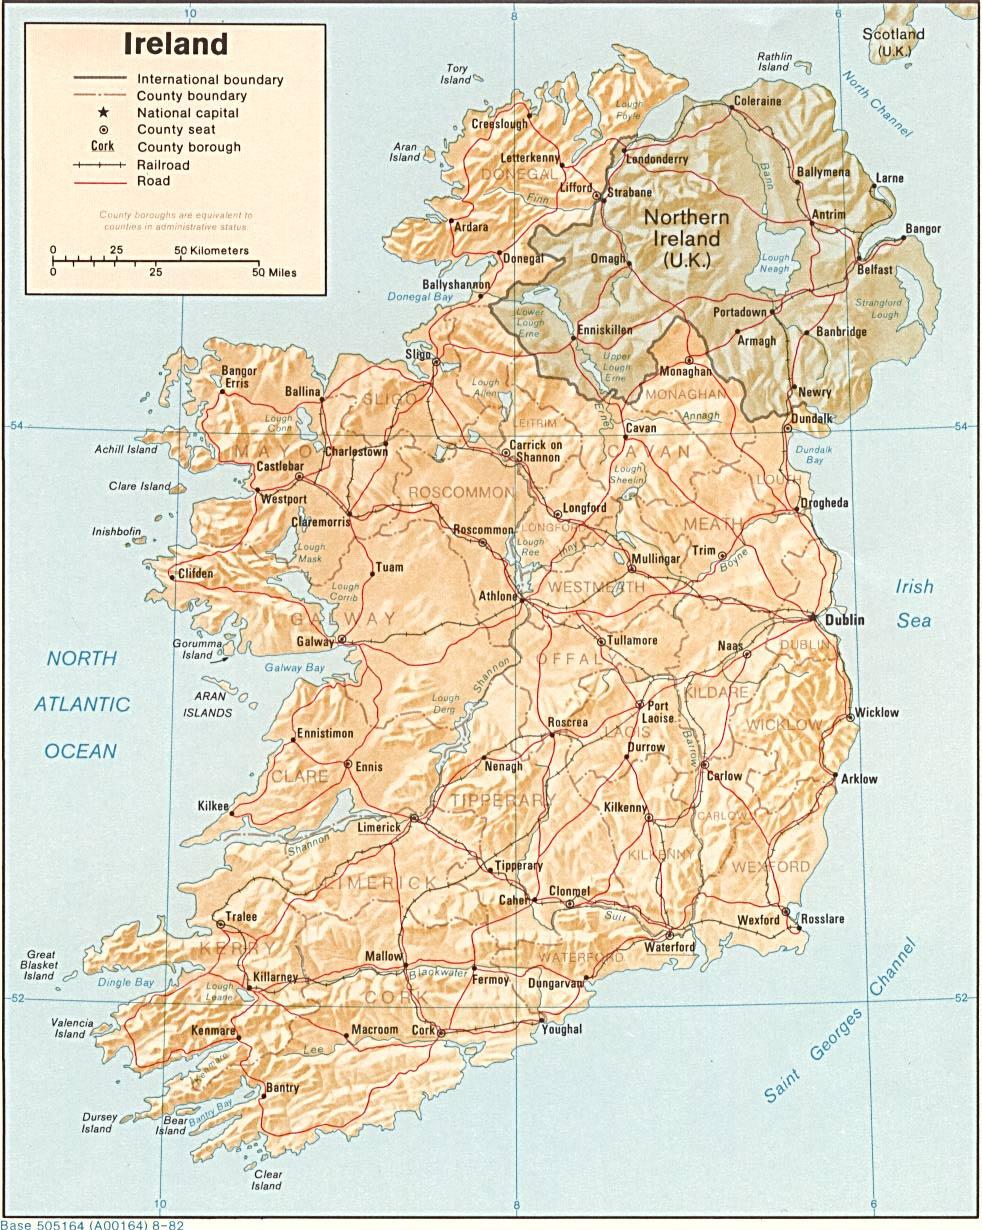 Kaart Landen Noord Europa Kaart Ierland En Dublin Ierse Zee